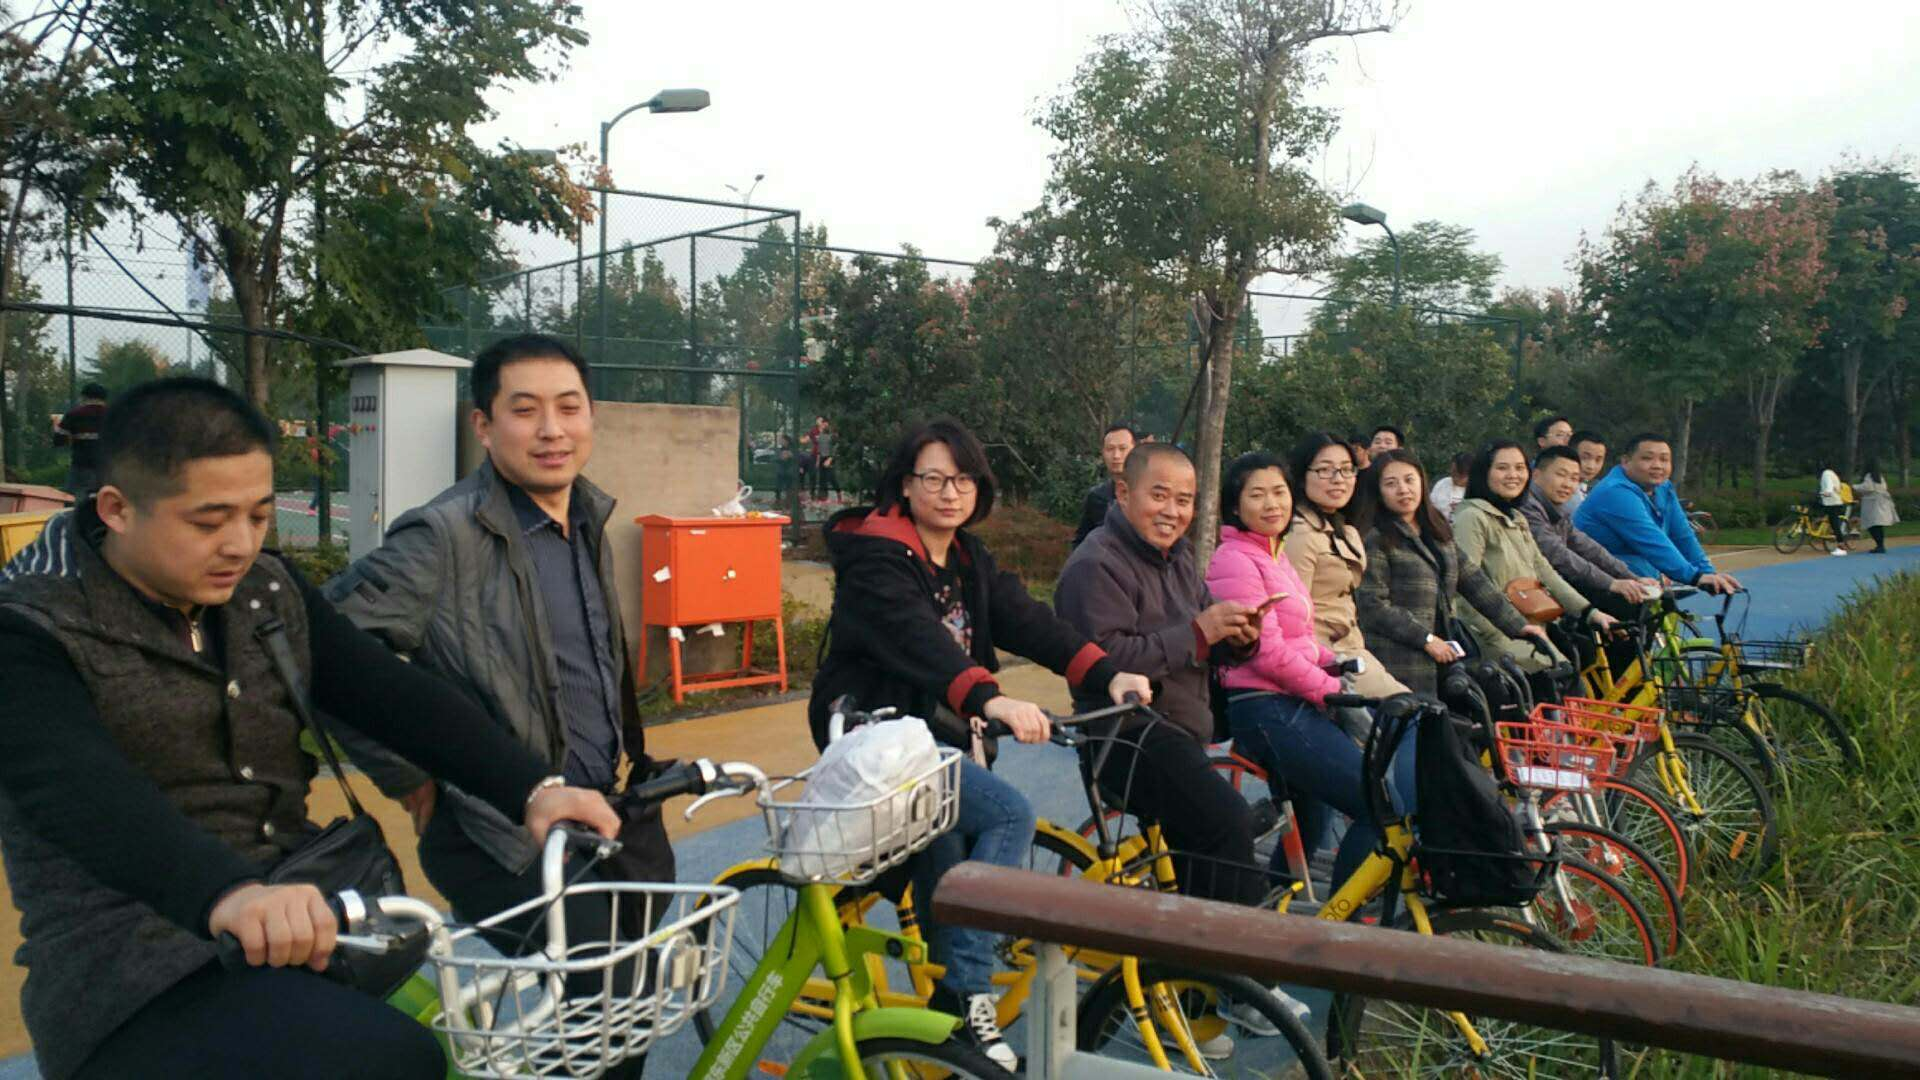 共創綠色出行,倡導健康生活 ——記新正好公司騎行活動